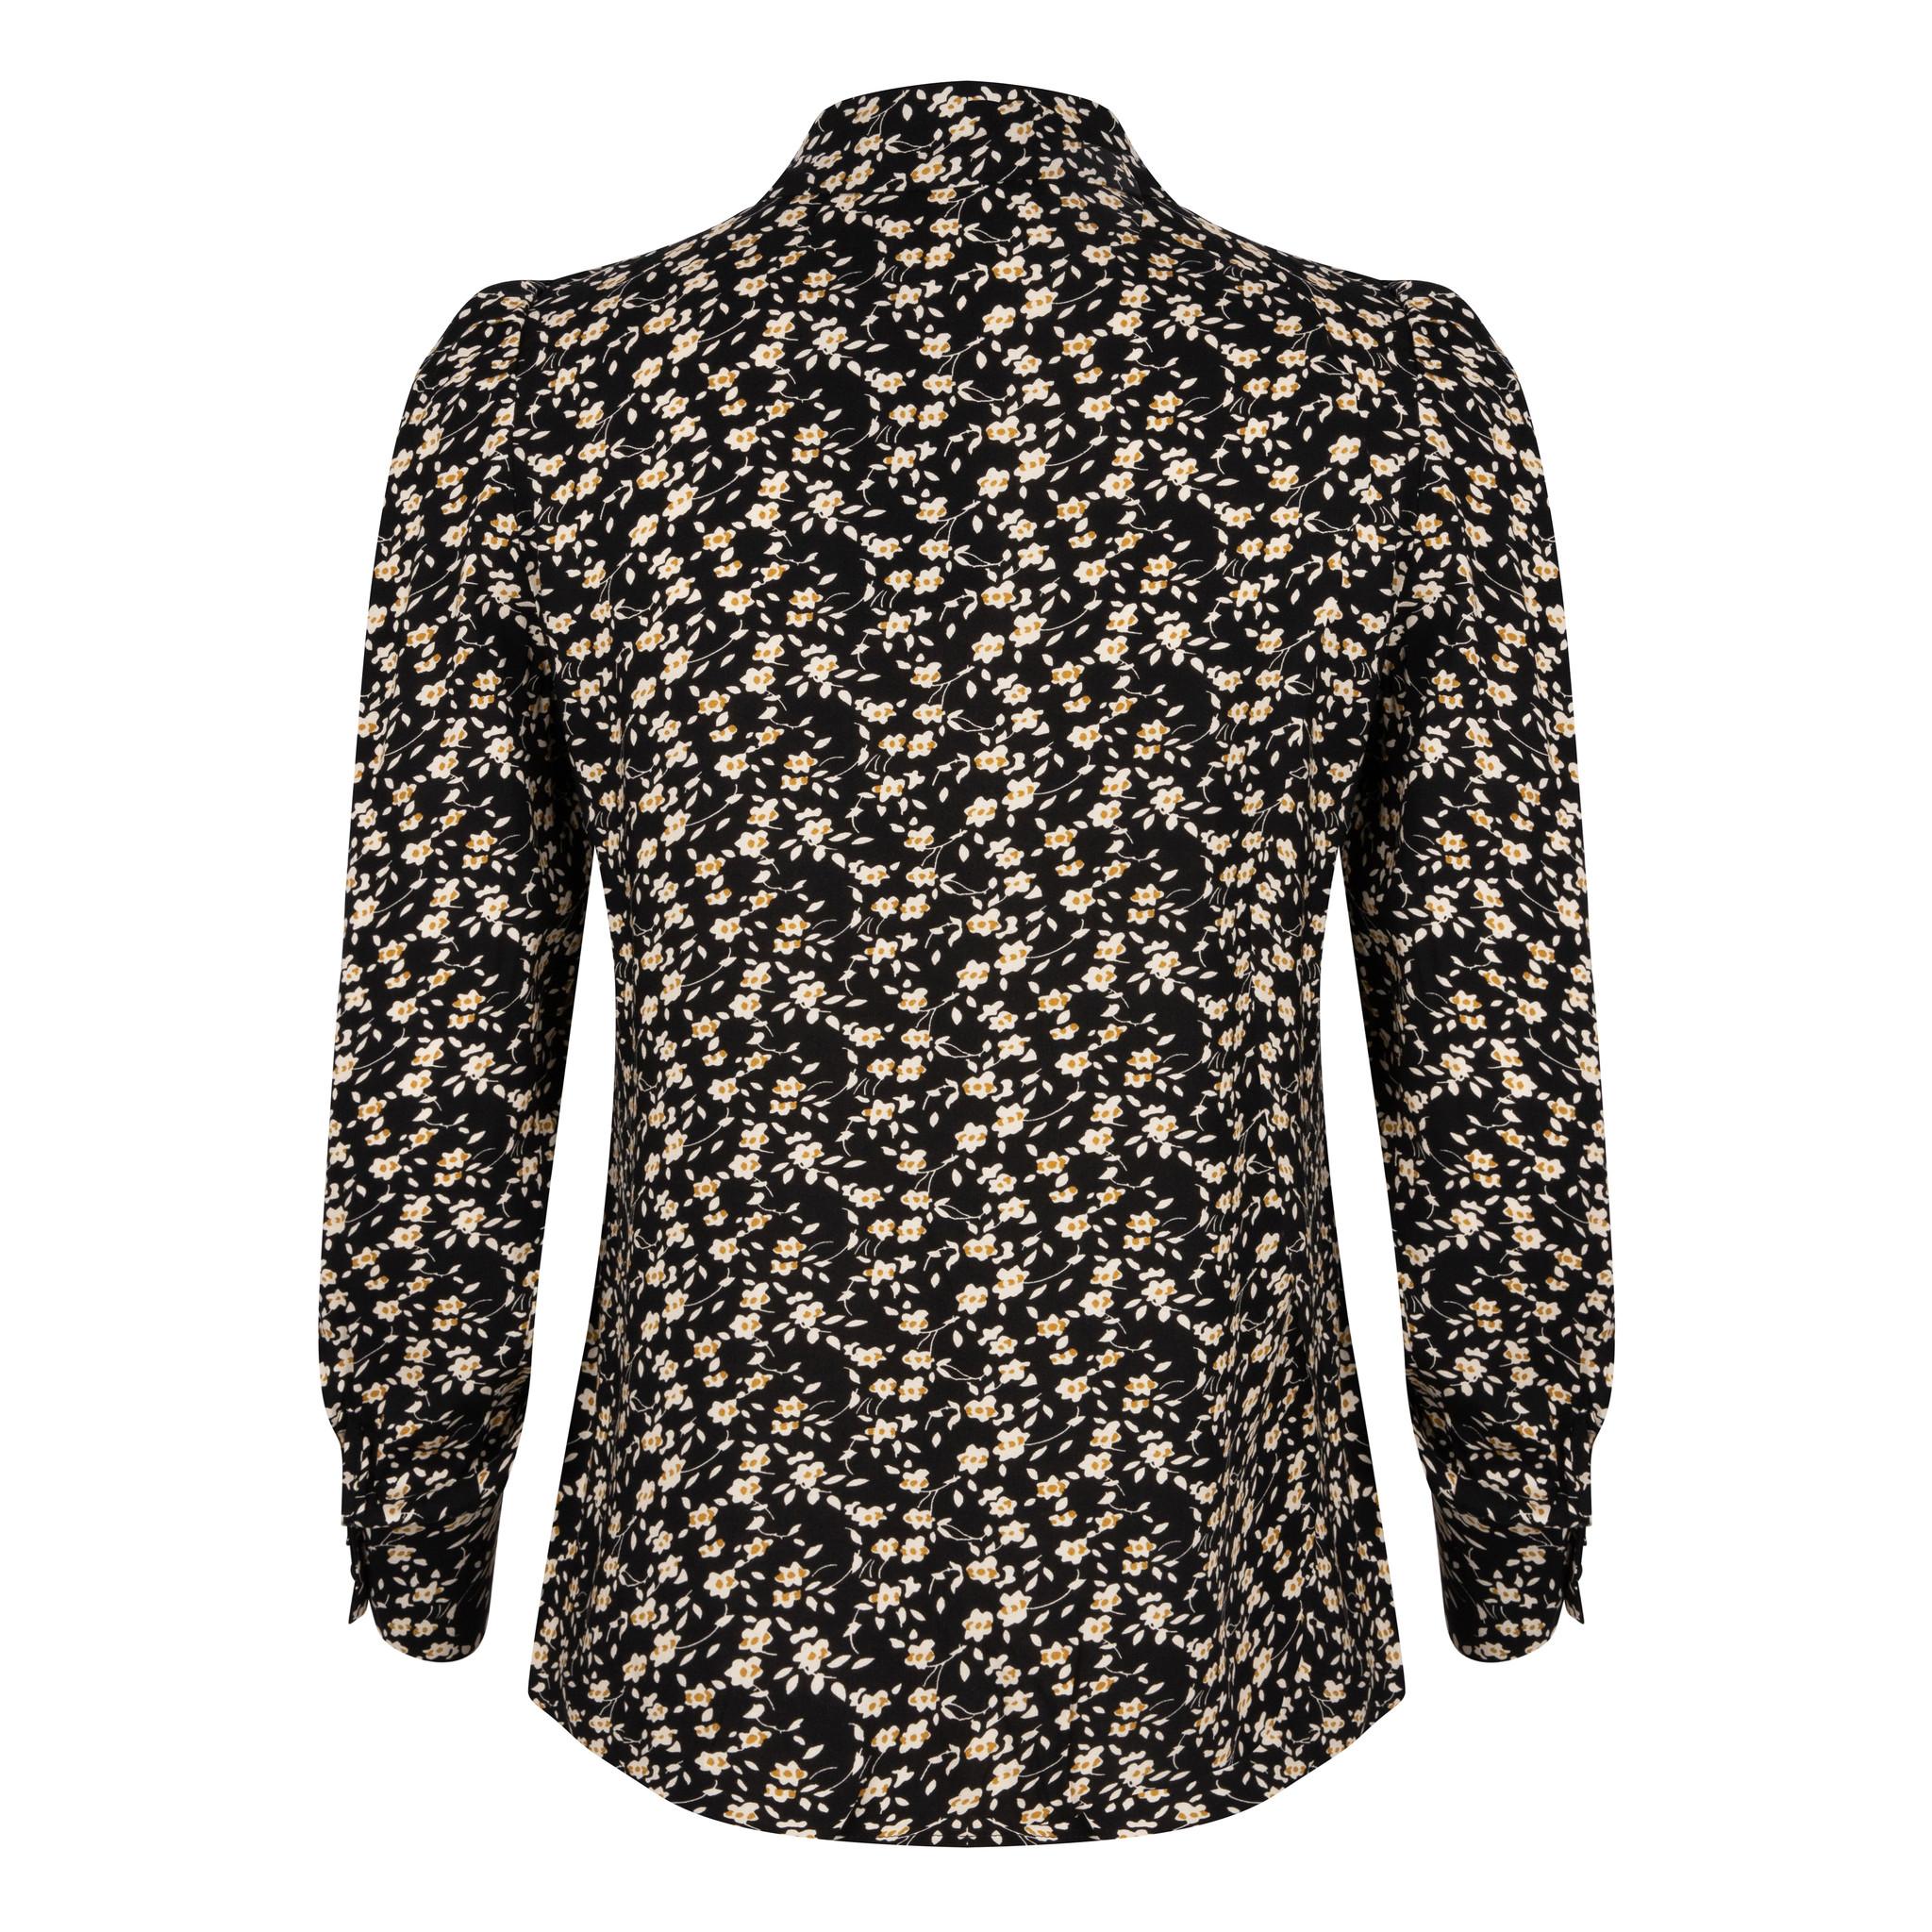 Lofty Manner Black Floral Print Blouse Julie